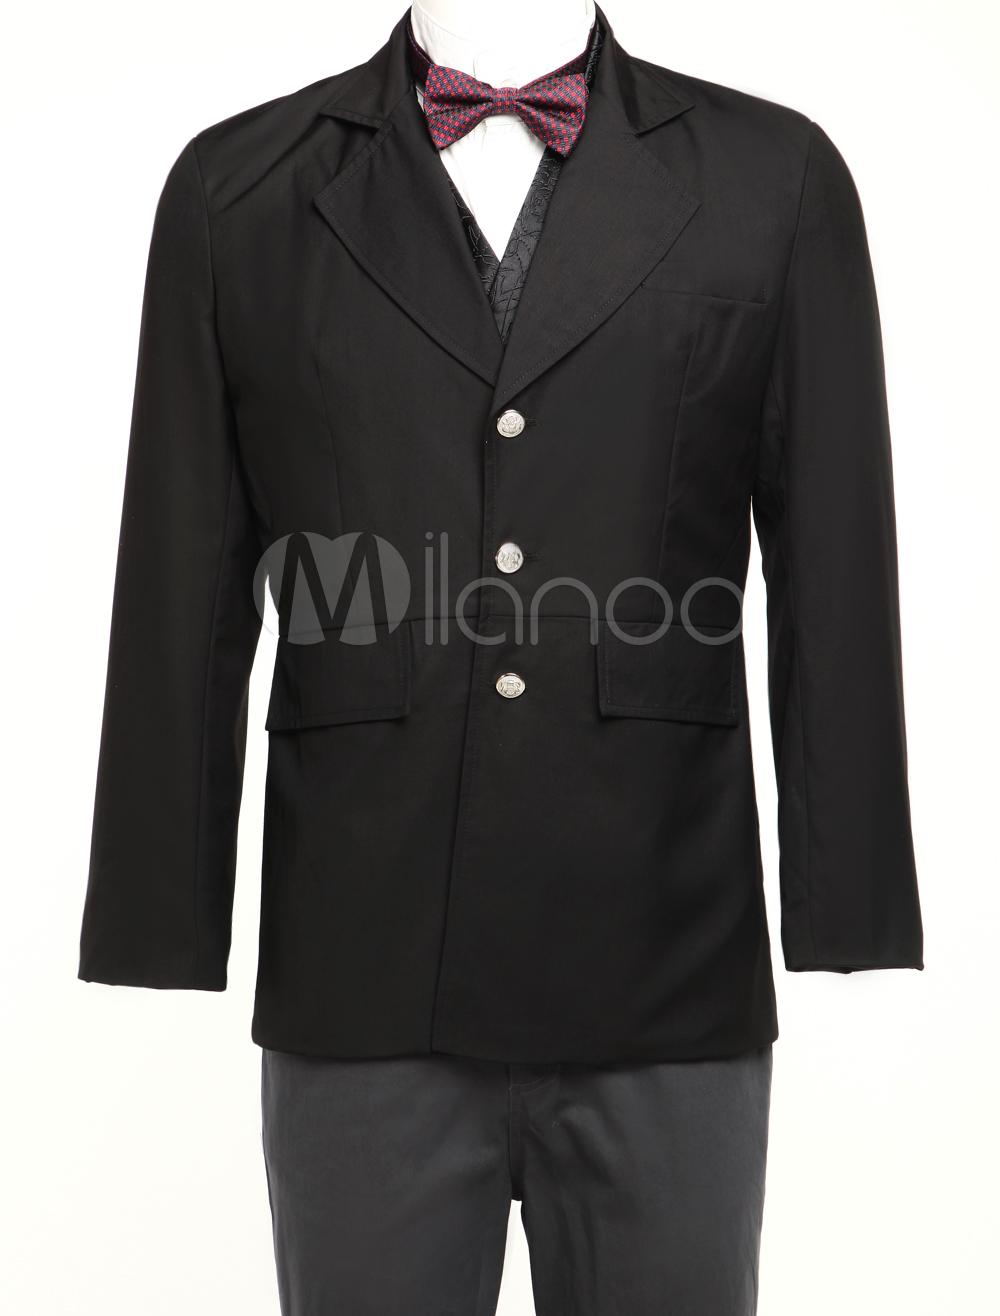 Buy Men's Vintage Costume Victorian Black Coat Retro Suit Jacket Halloween for $90.99 in Milanoo store